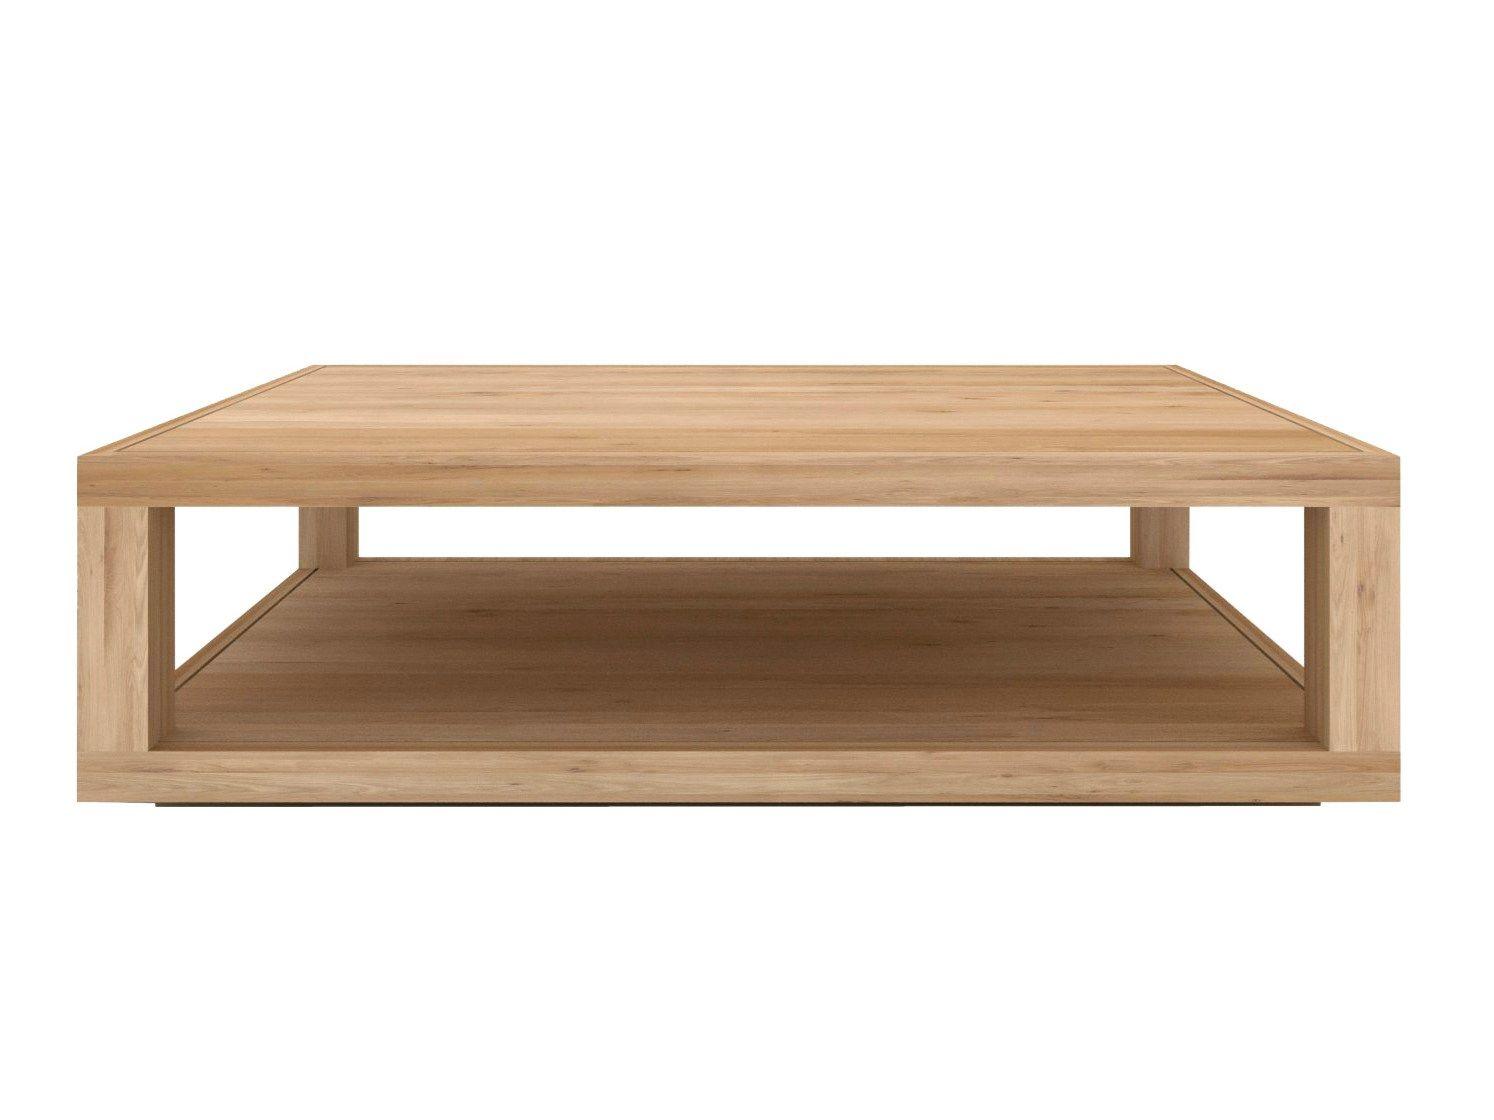 OAK TRIPOD TABLE | Stool By Ethnicraft design Heidi Earnshaw